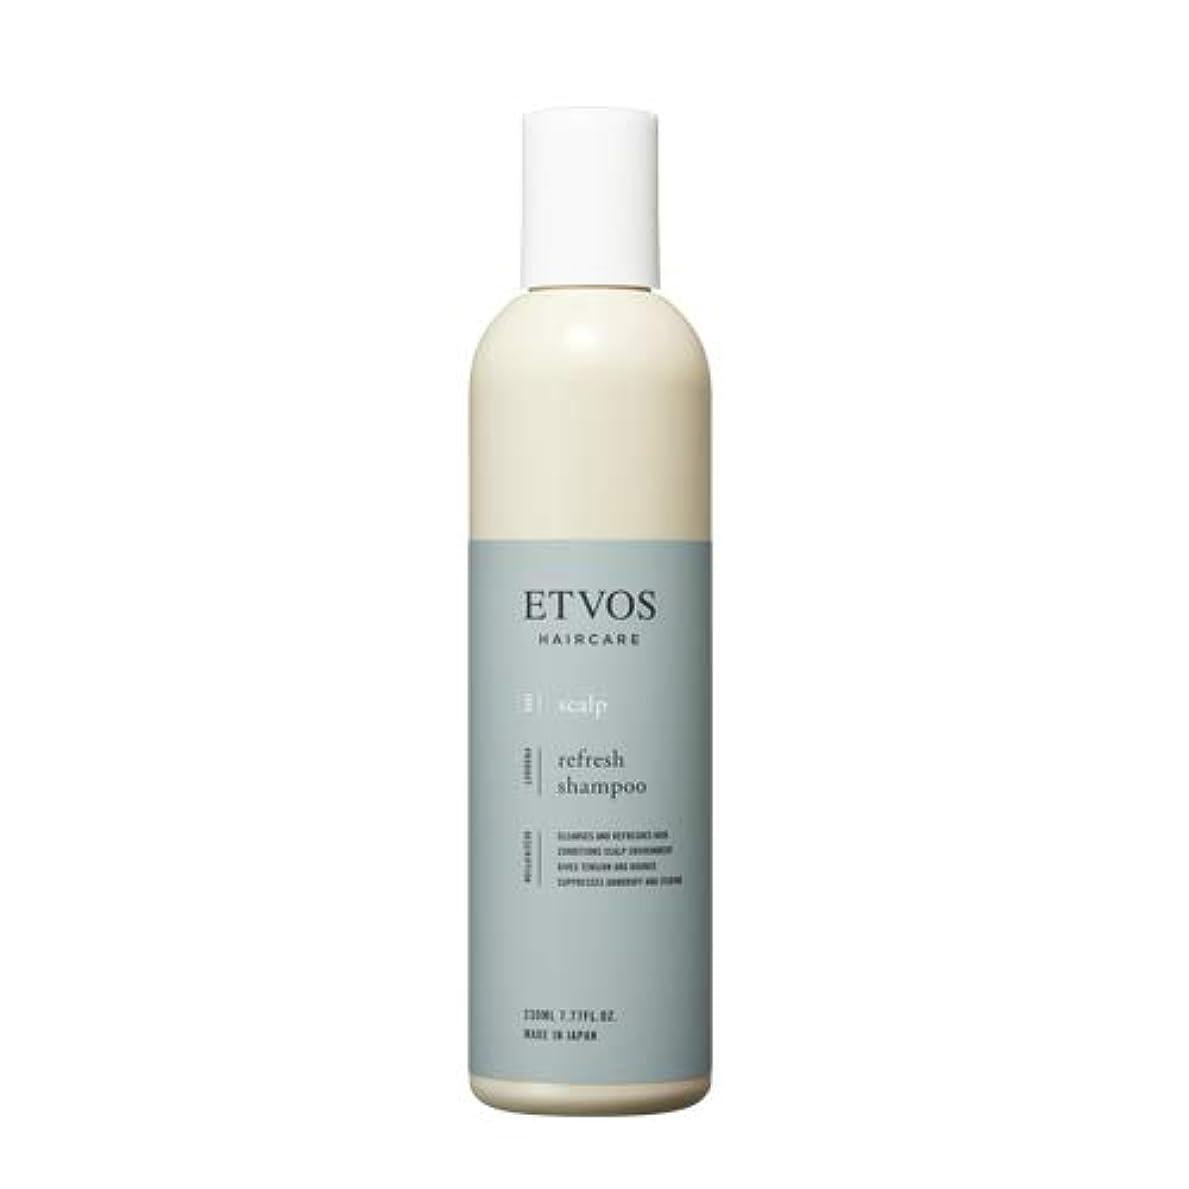 楽しいからに変化する小切手ETVOS(エトヴォス) リフレッシュシャンプー 230ml さっぱり ノンシリコン アミノ酸系 頭皮の臭い/ベタつき